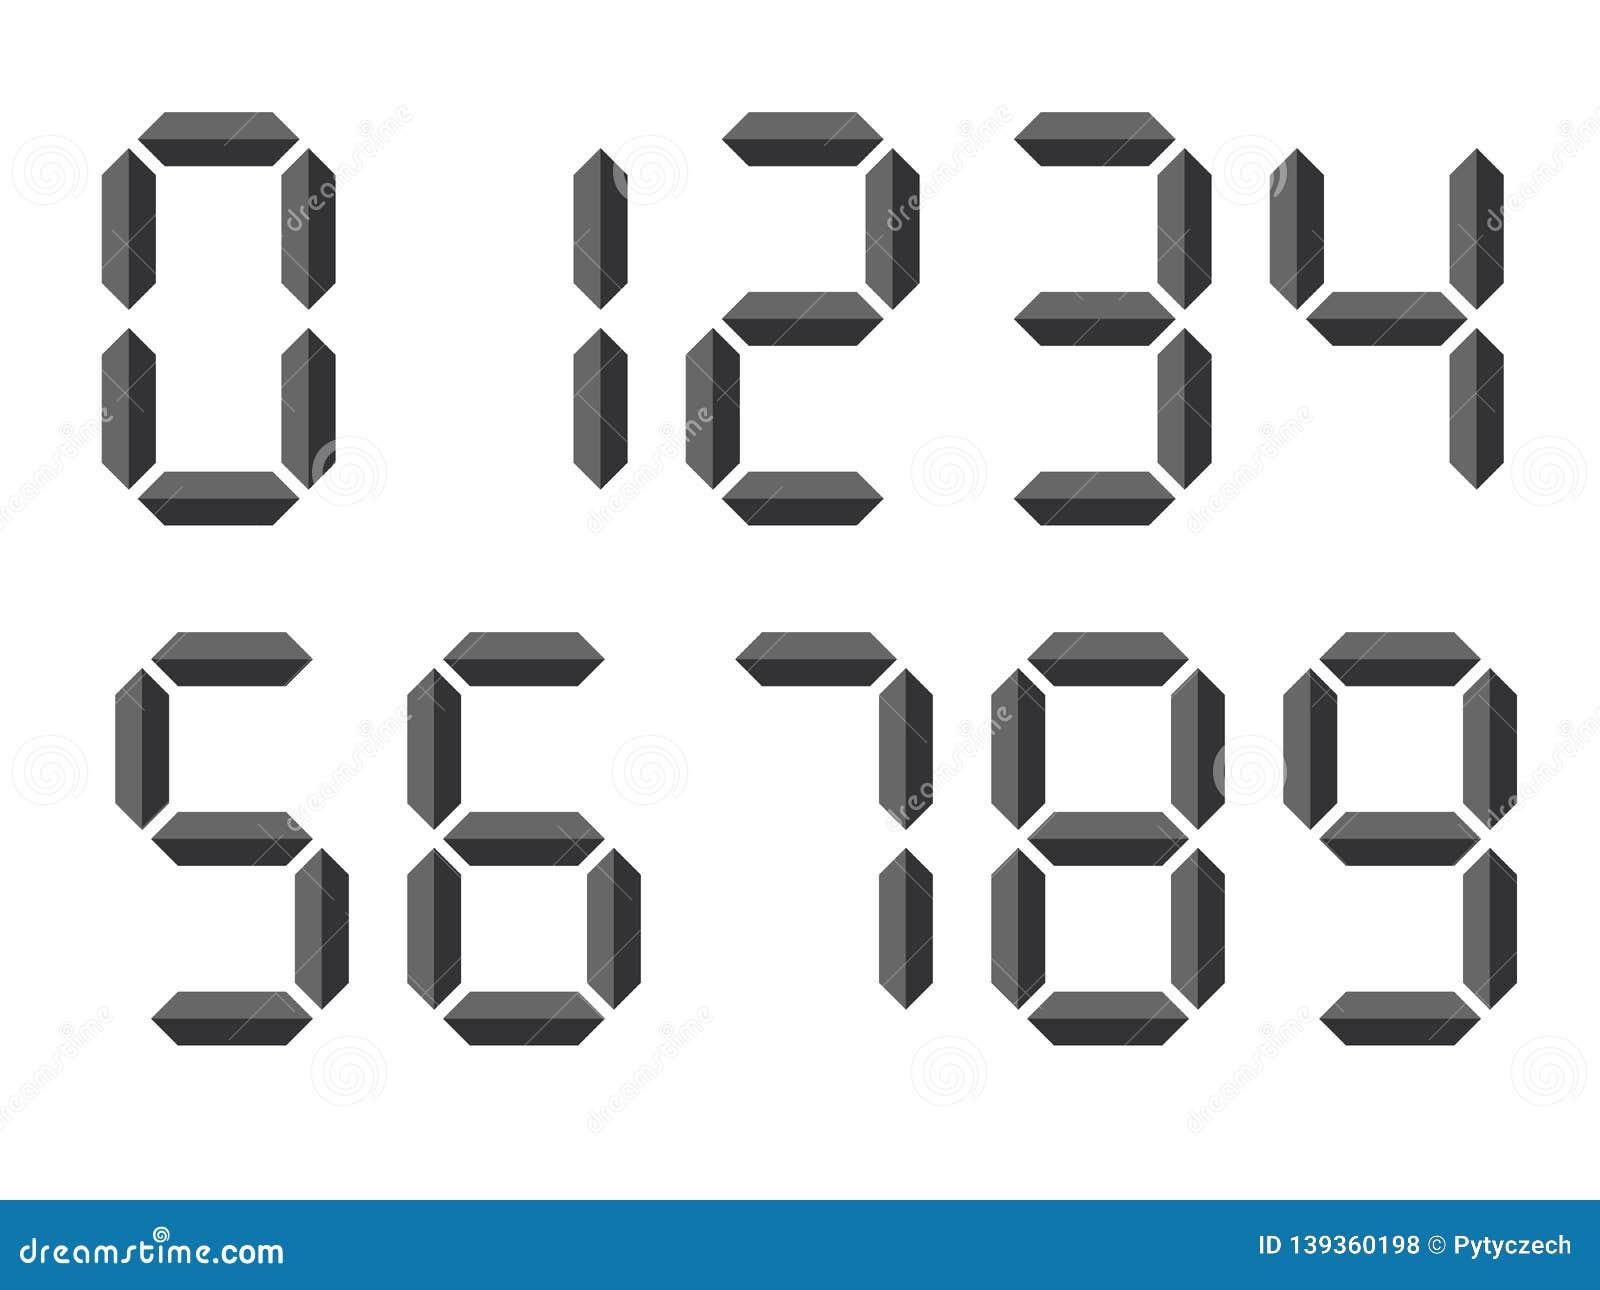 Grey 3D-like Digital Numbers  Seven-segment Display Is Used